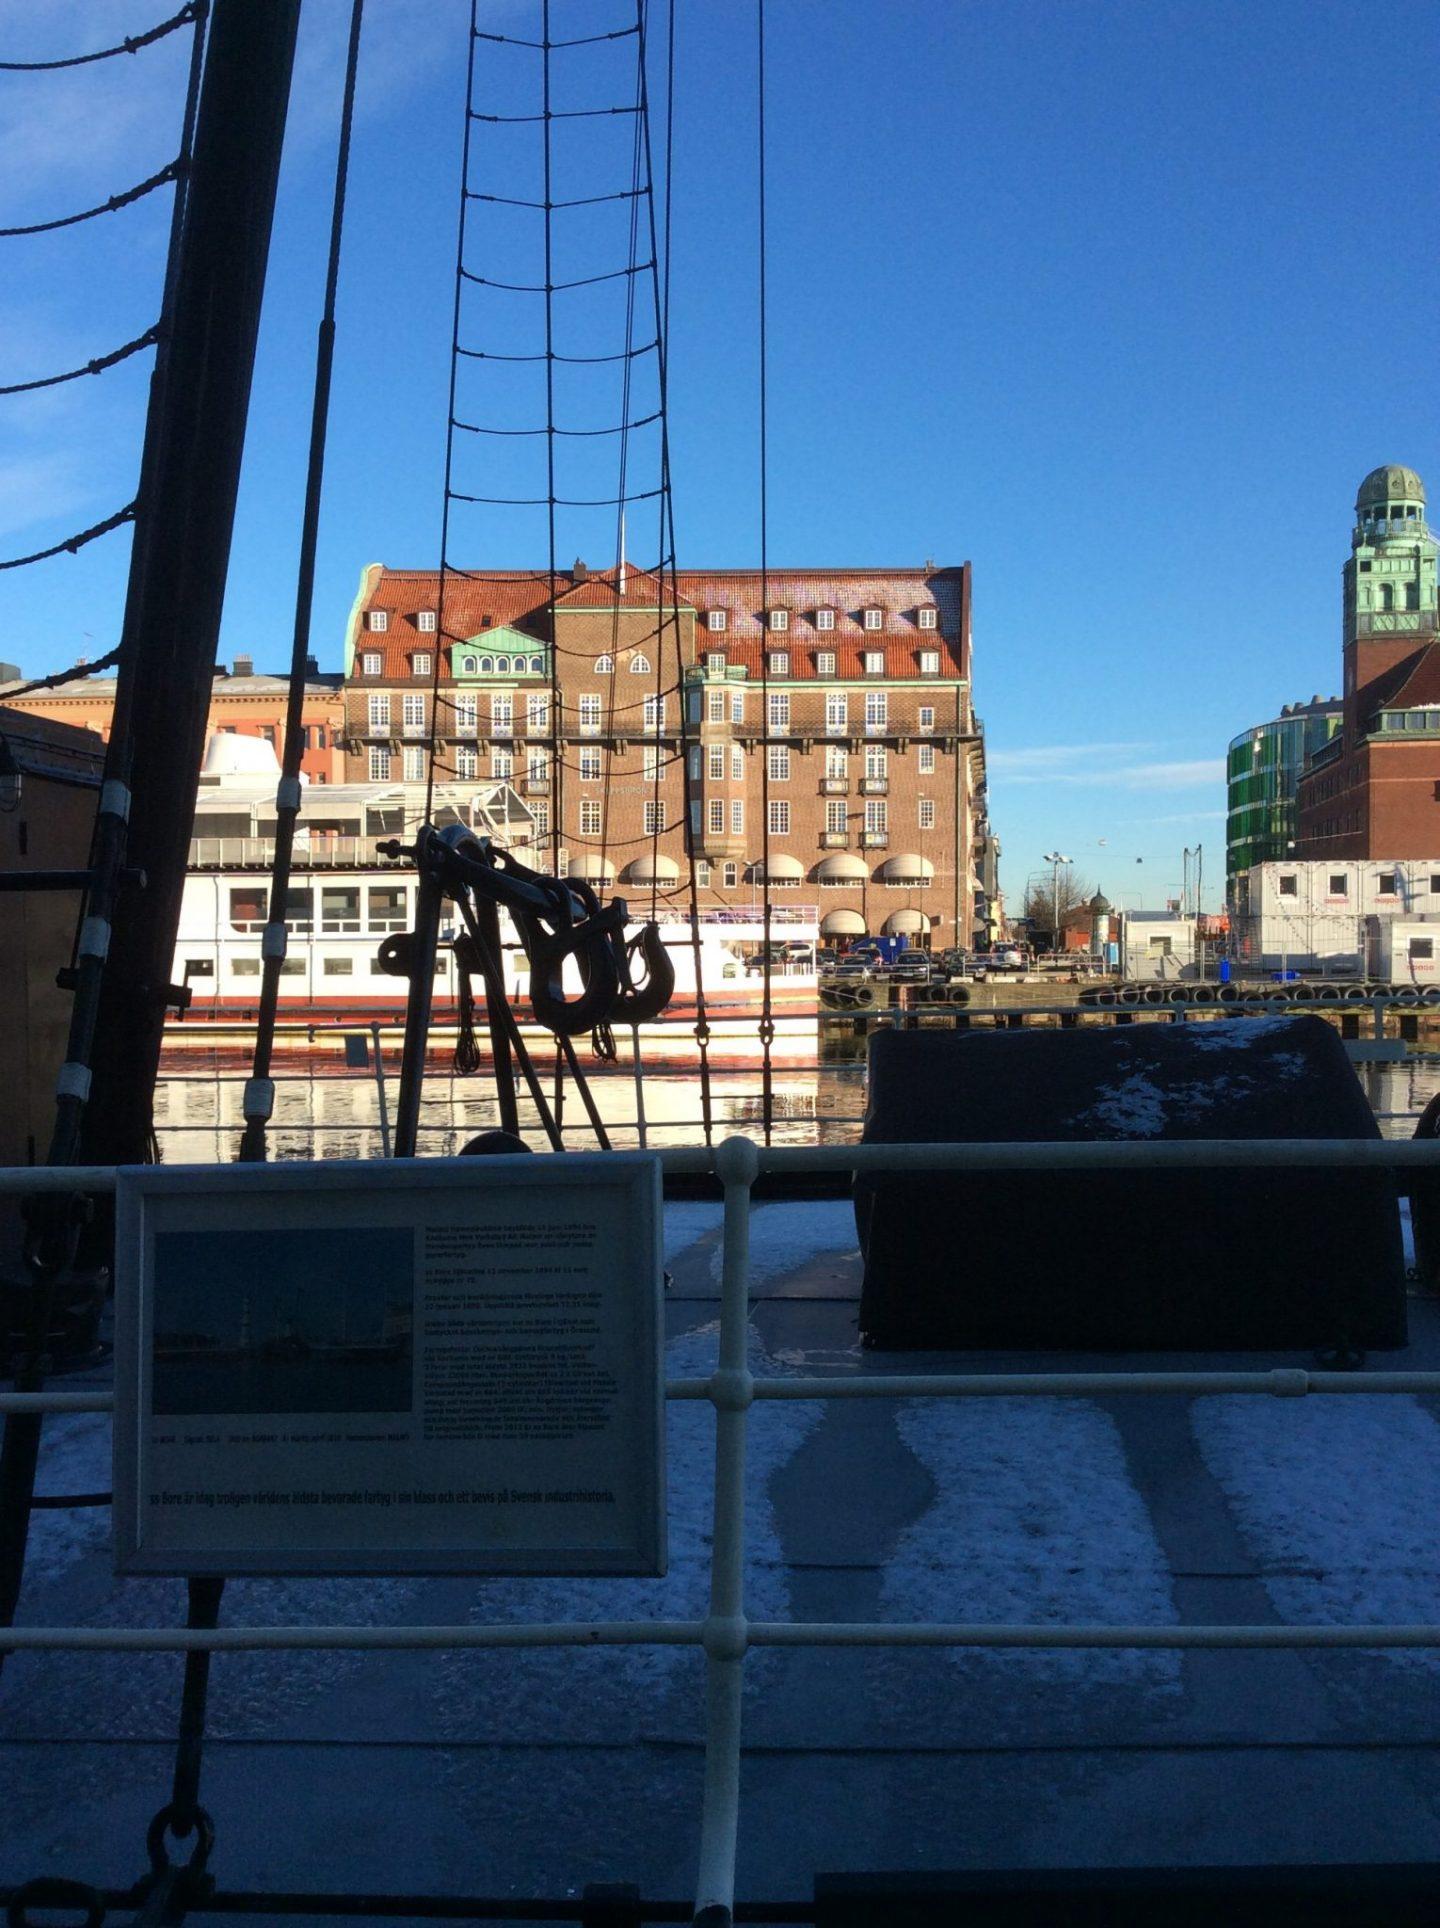 IMG 0215 1440x1928 - Malmö and the history